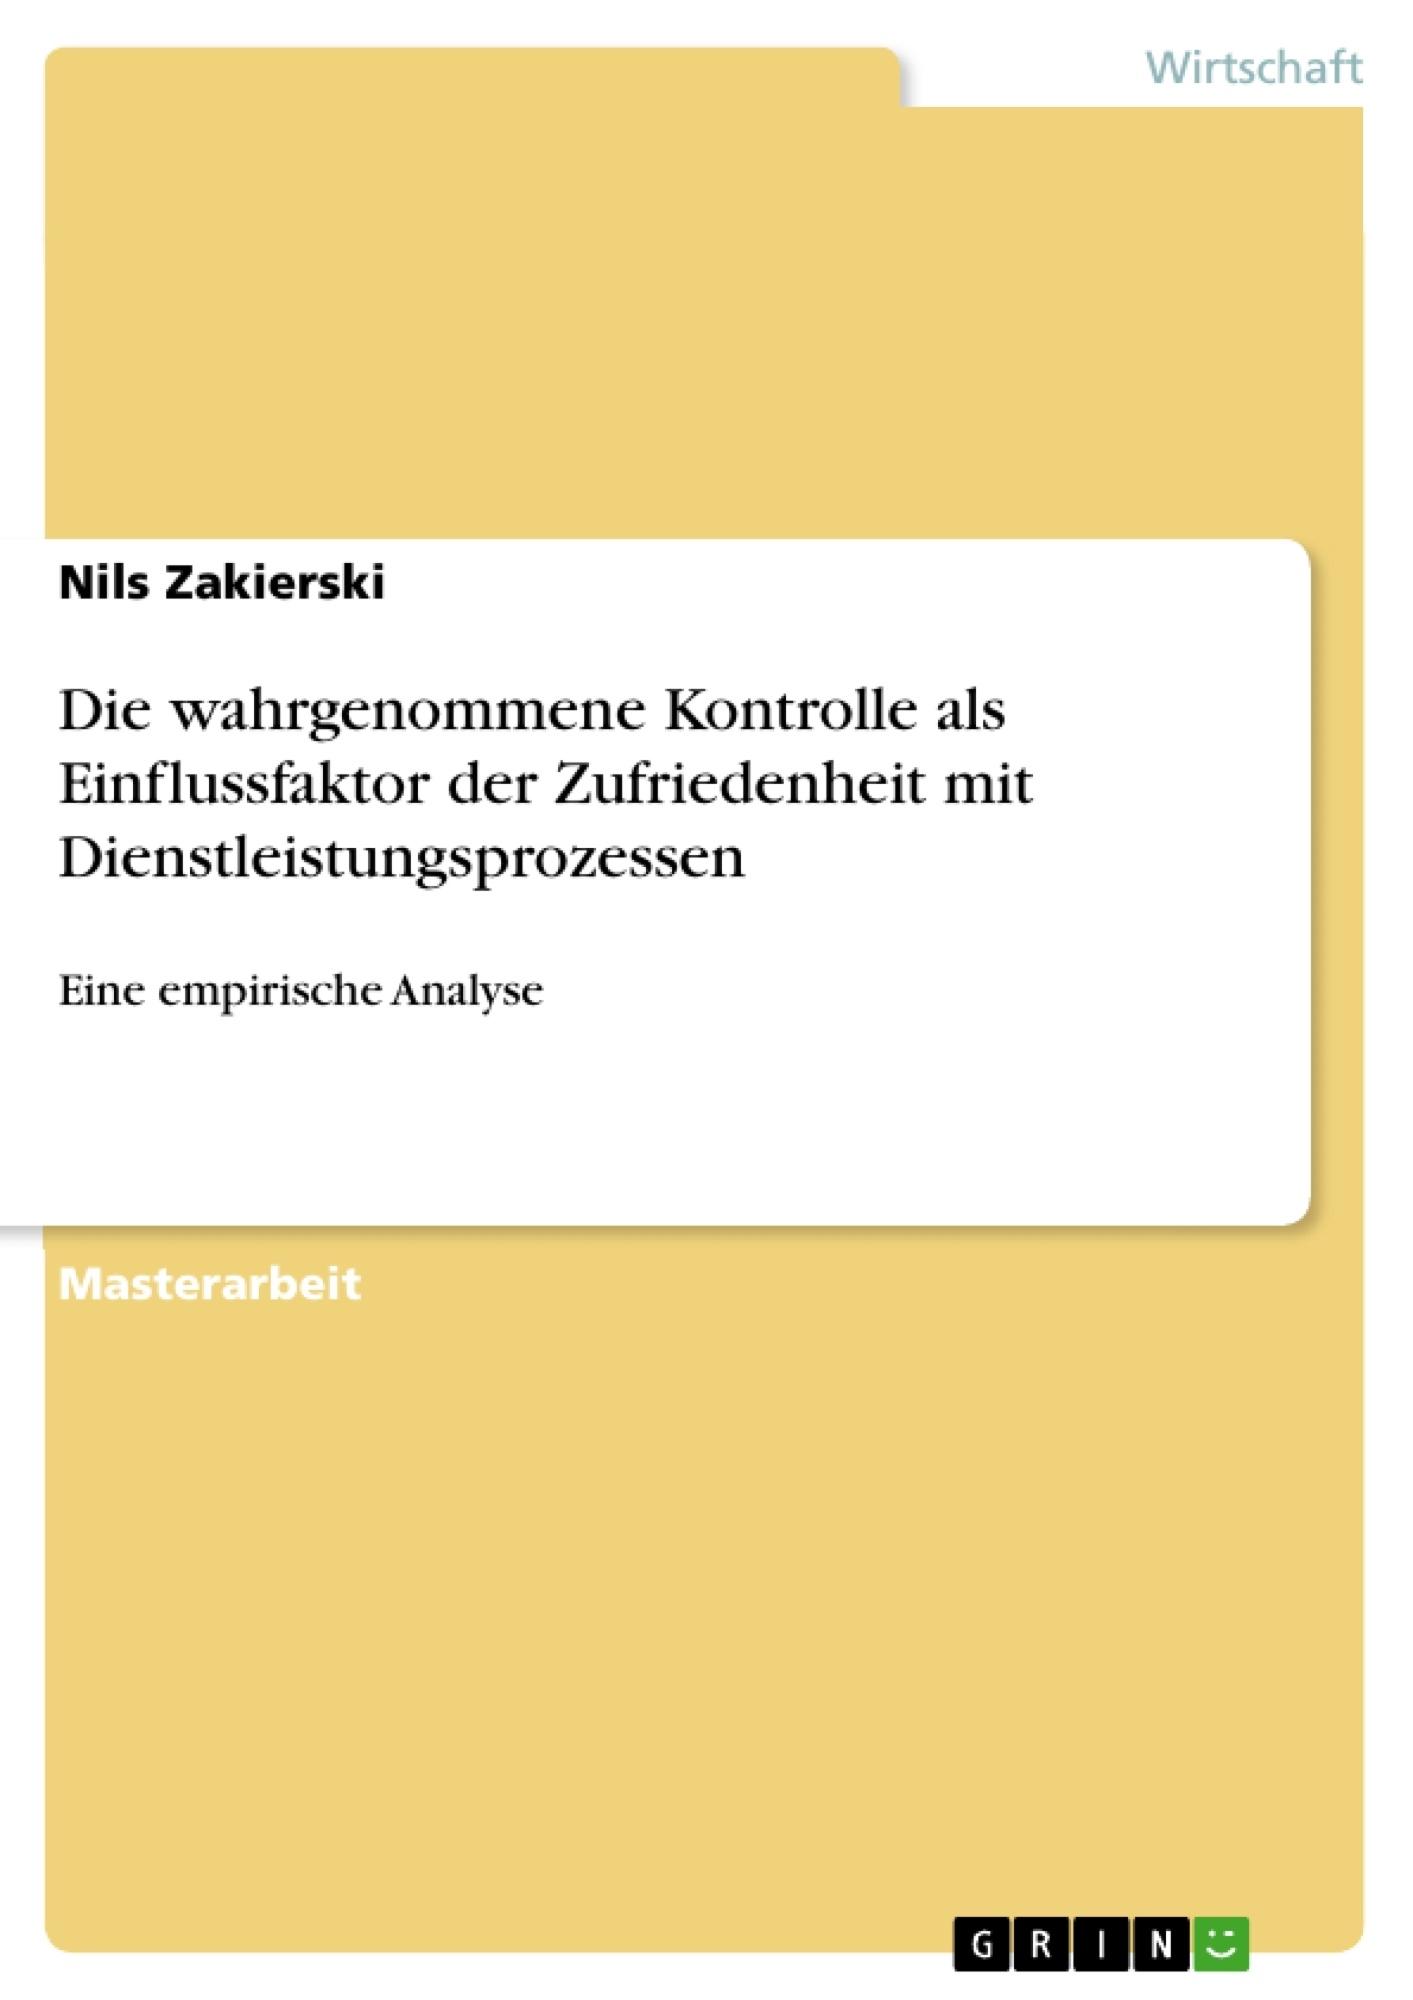 Titel: Die wahrgenommene Kontrolle als Einflussfaktor der Zufriedenheit mit Dienstleistungsprozessen